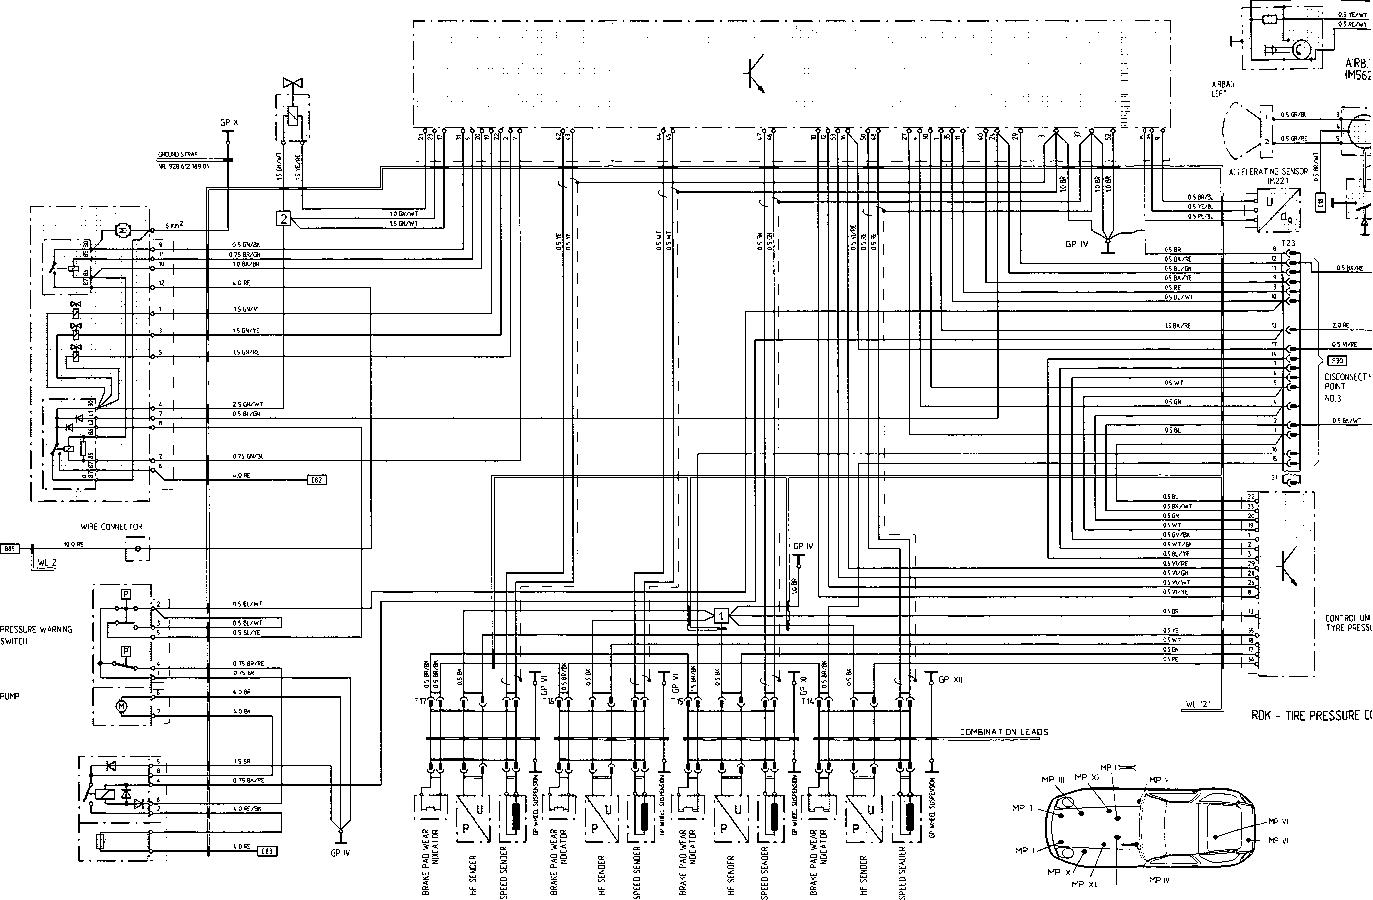 porsche 964 dme wiring diagram vx 6997  porsche 993 radio wiring diagram  vx 6997  porsche 993 radio wiring diagram